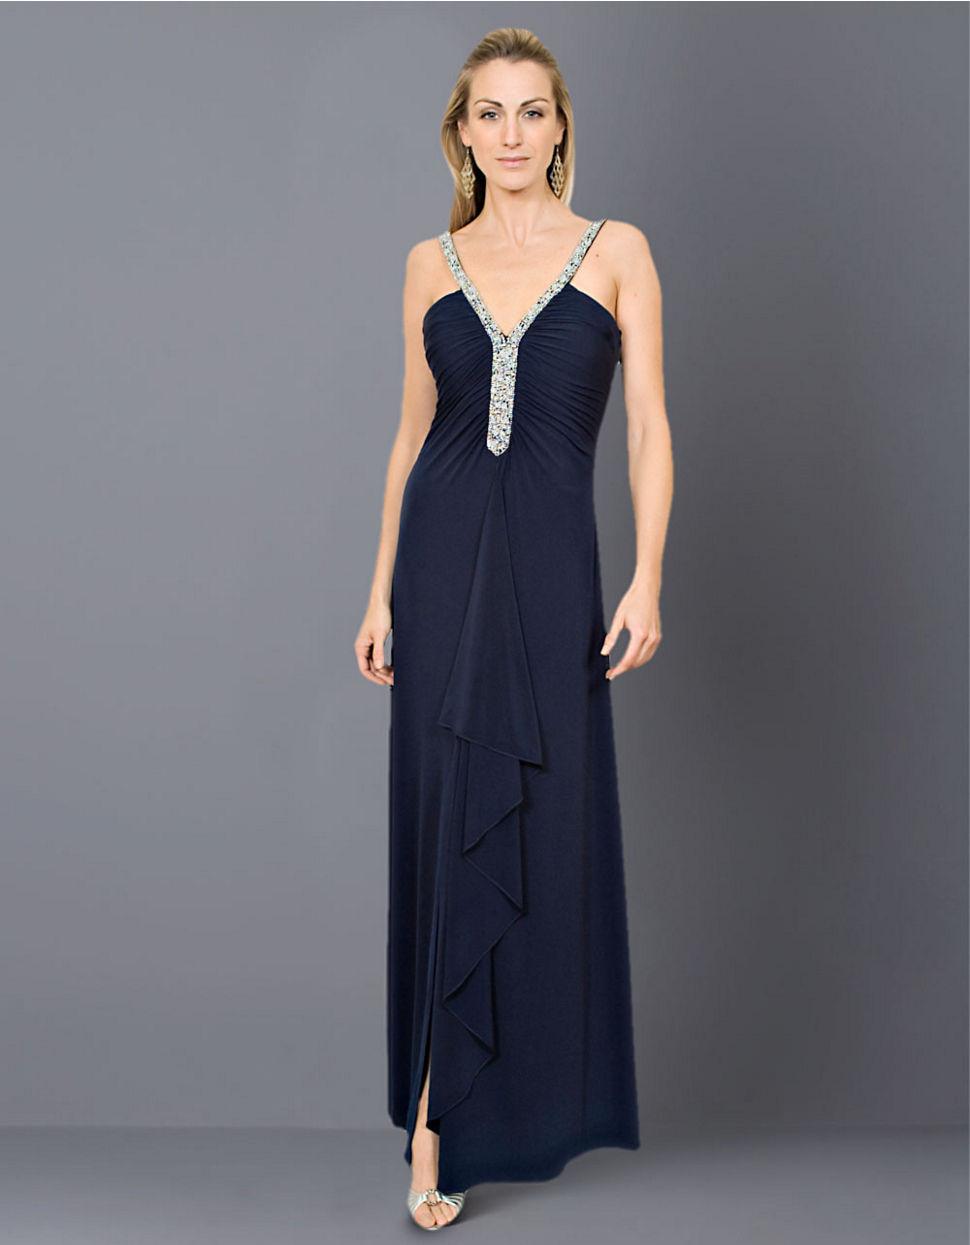 JS Boutique Evening Gowns – Fashion dresses